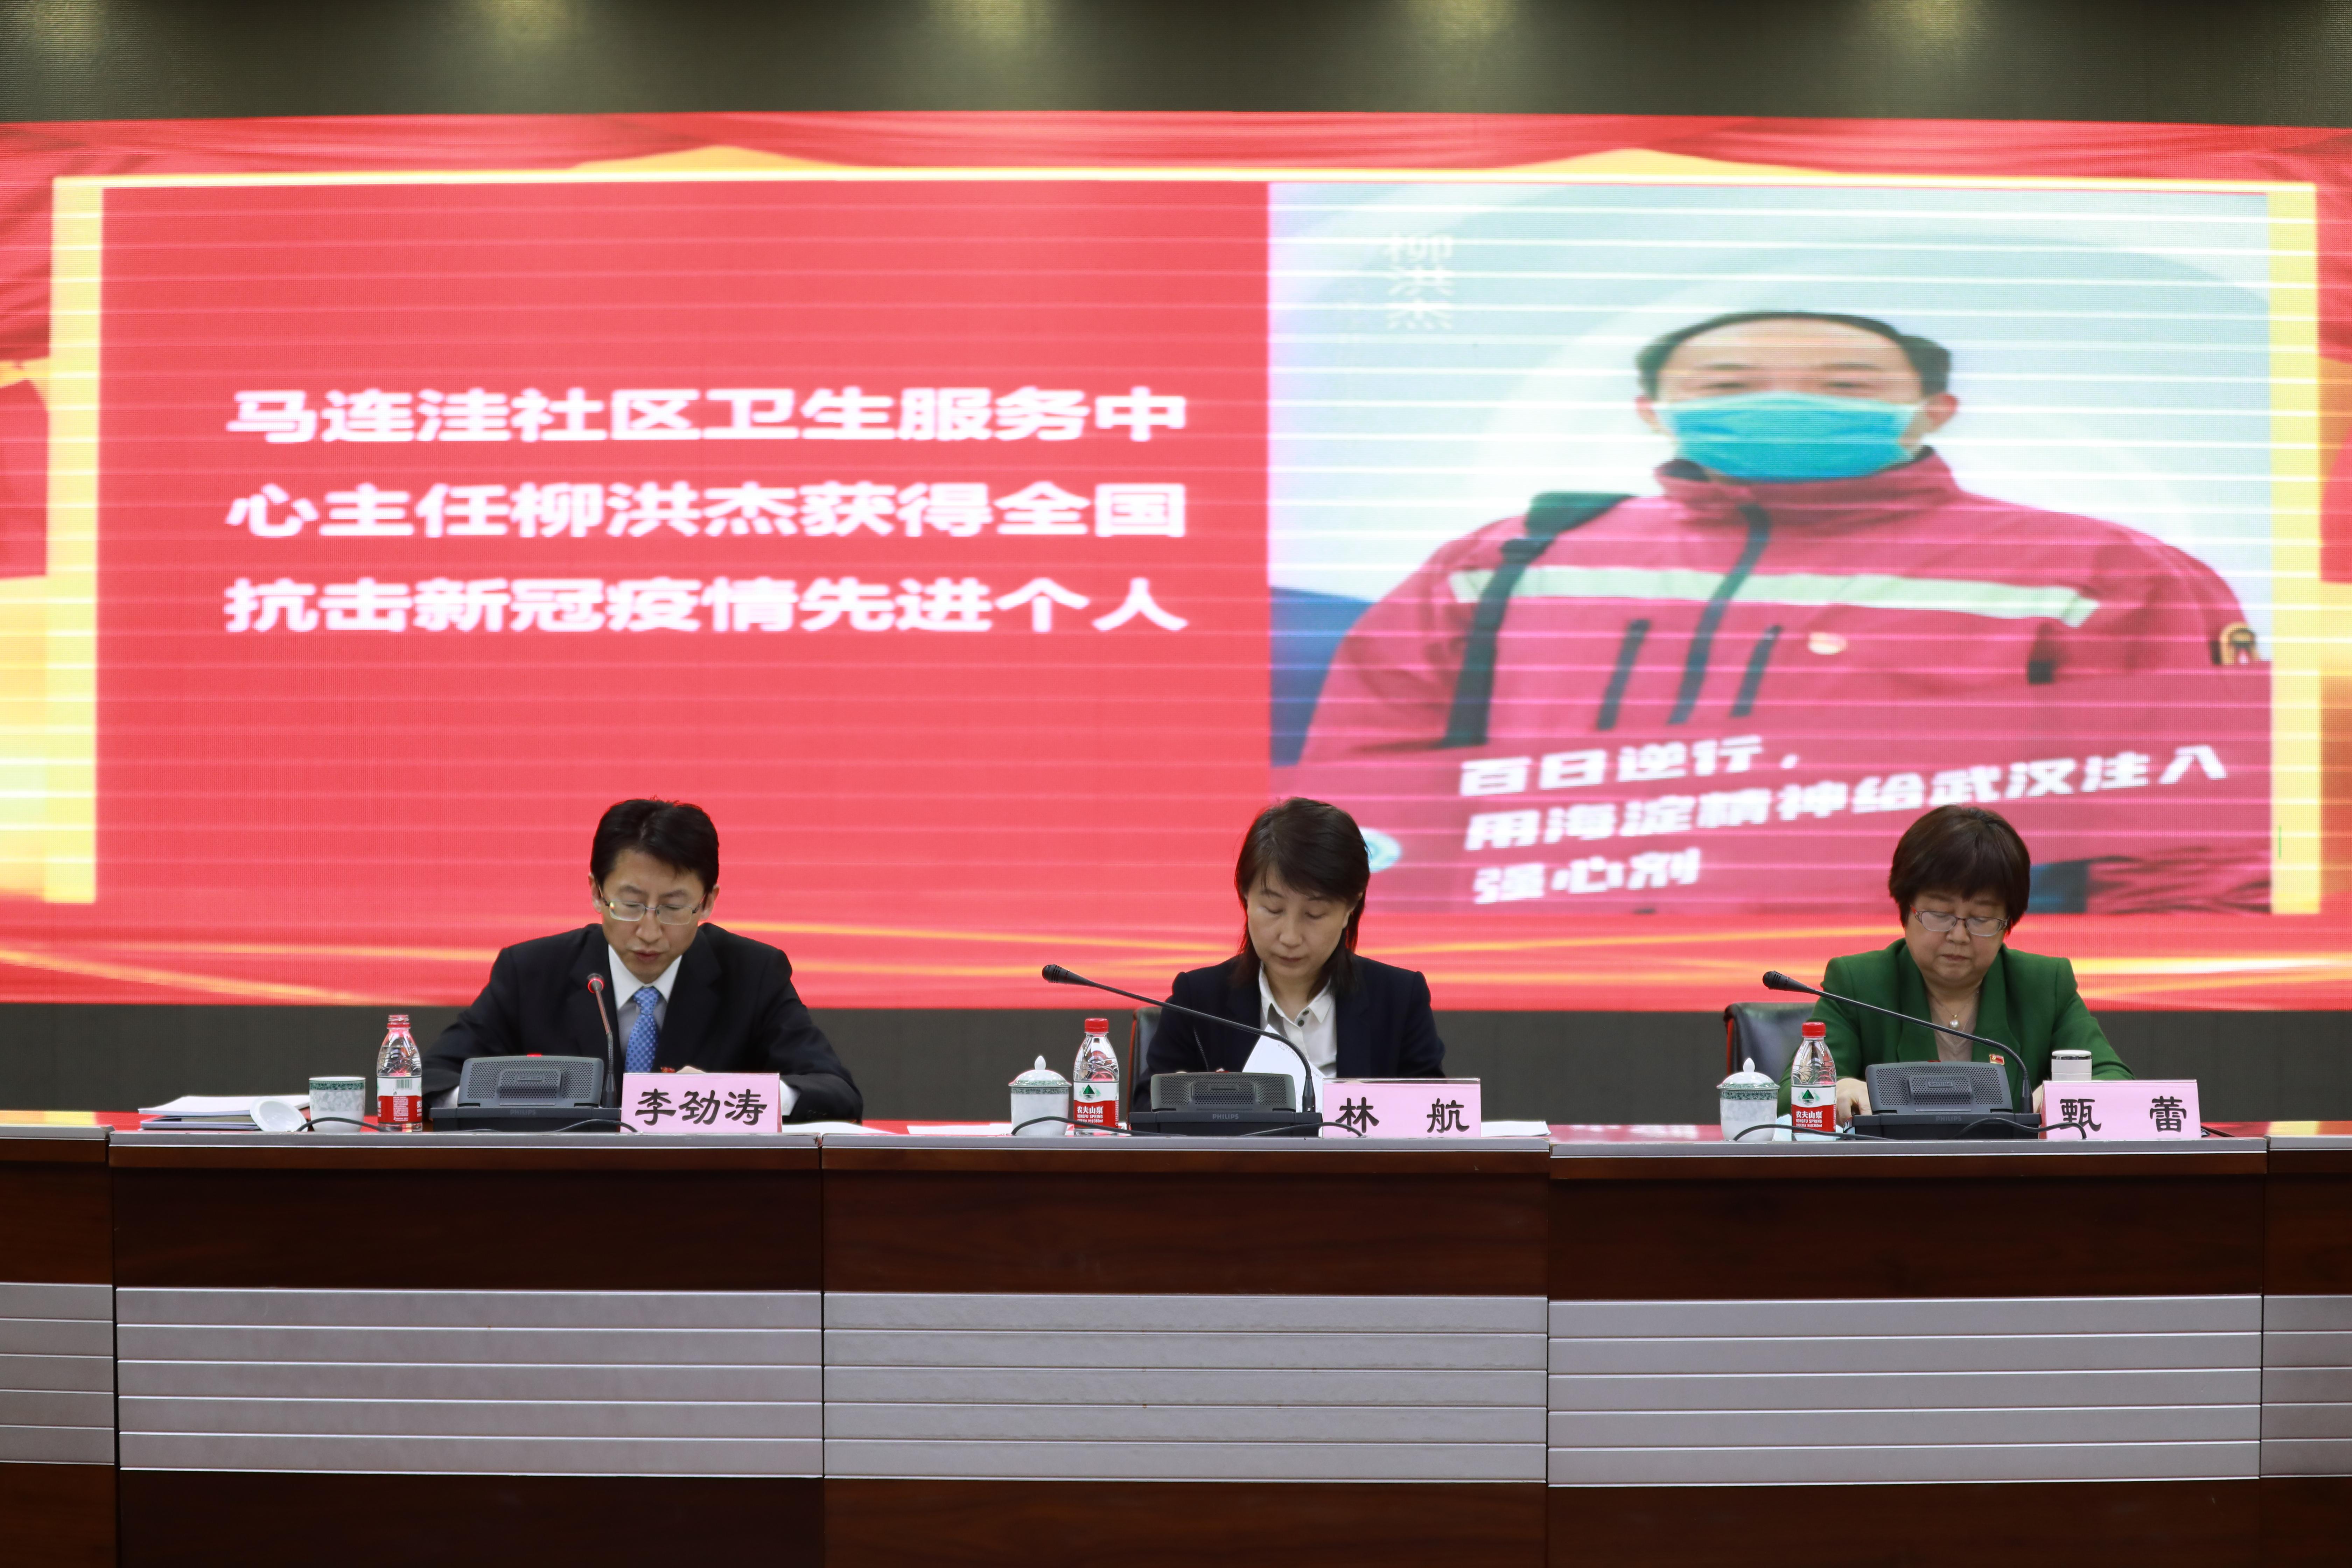 北京海淀聚焦重点任务,全方位推进健康体系建设